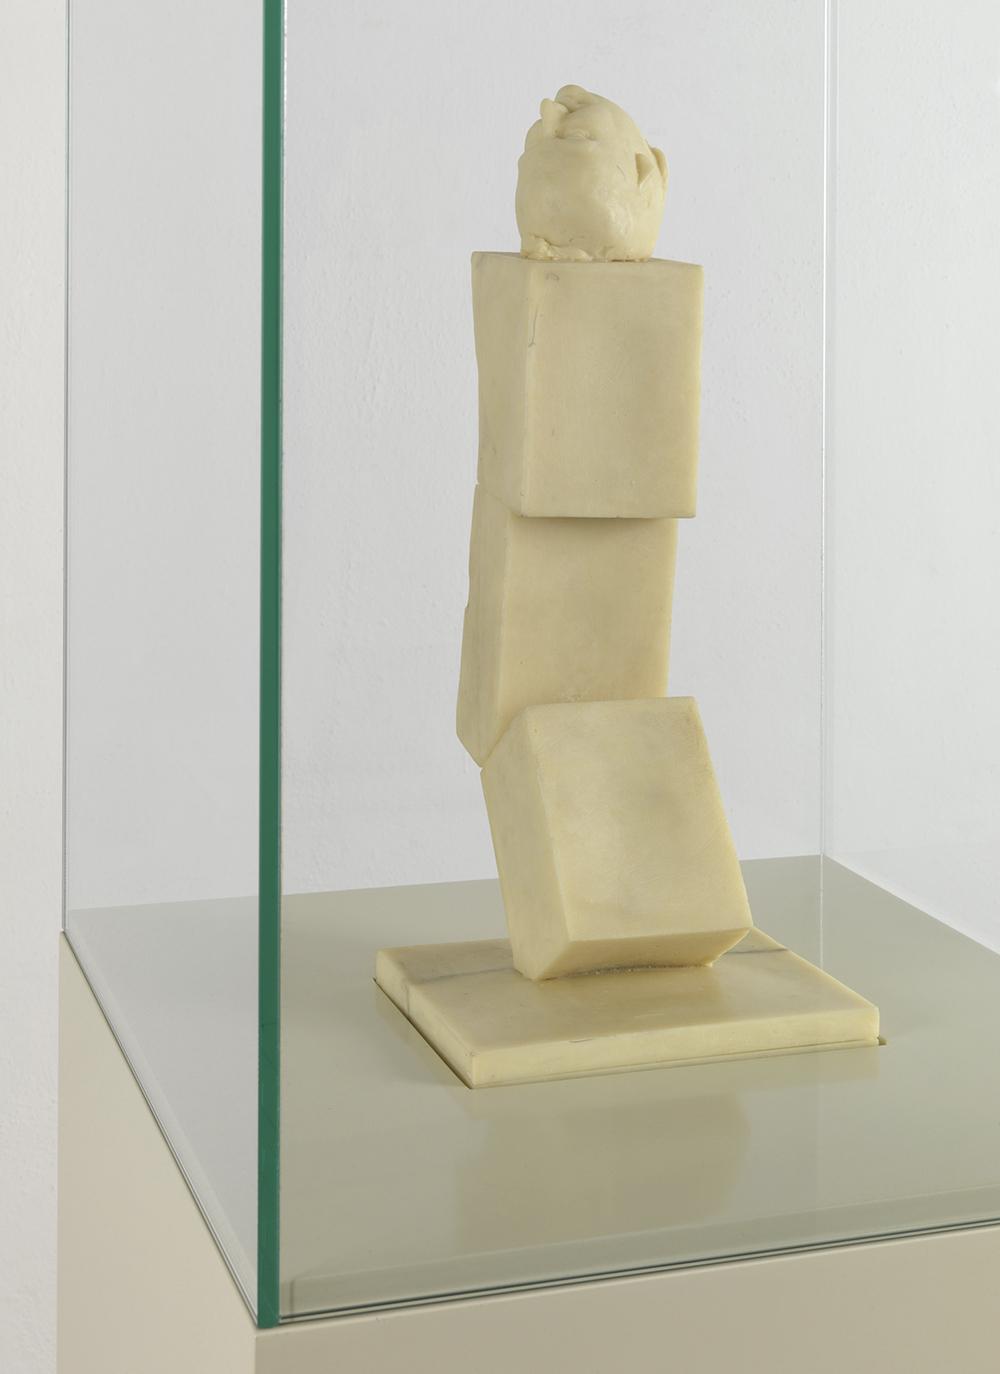 Ex voto I della serie Art is the better life, 2007, cera, vetrina di vetro su base di legno laccato, cm 185x35x35